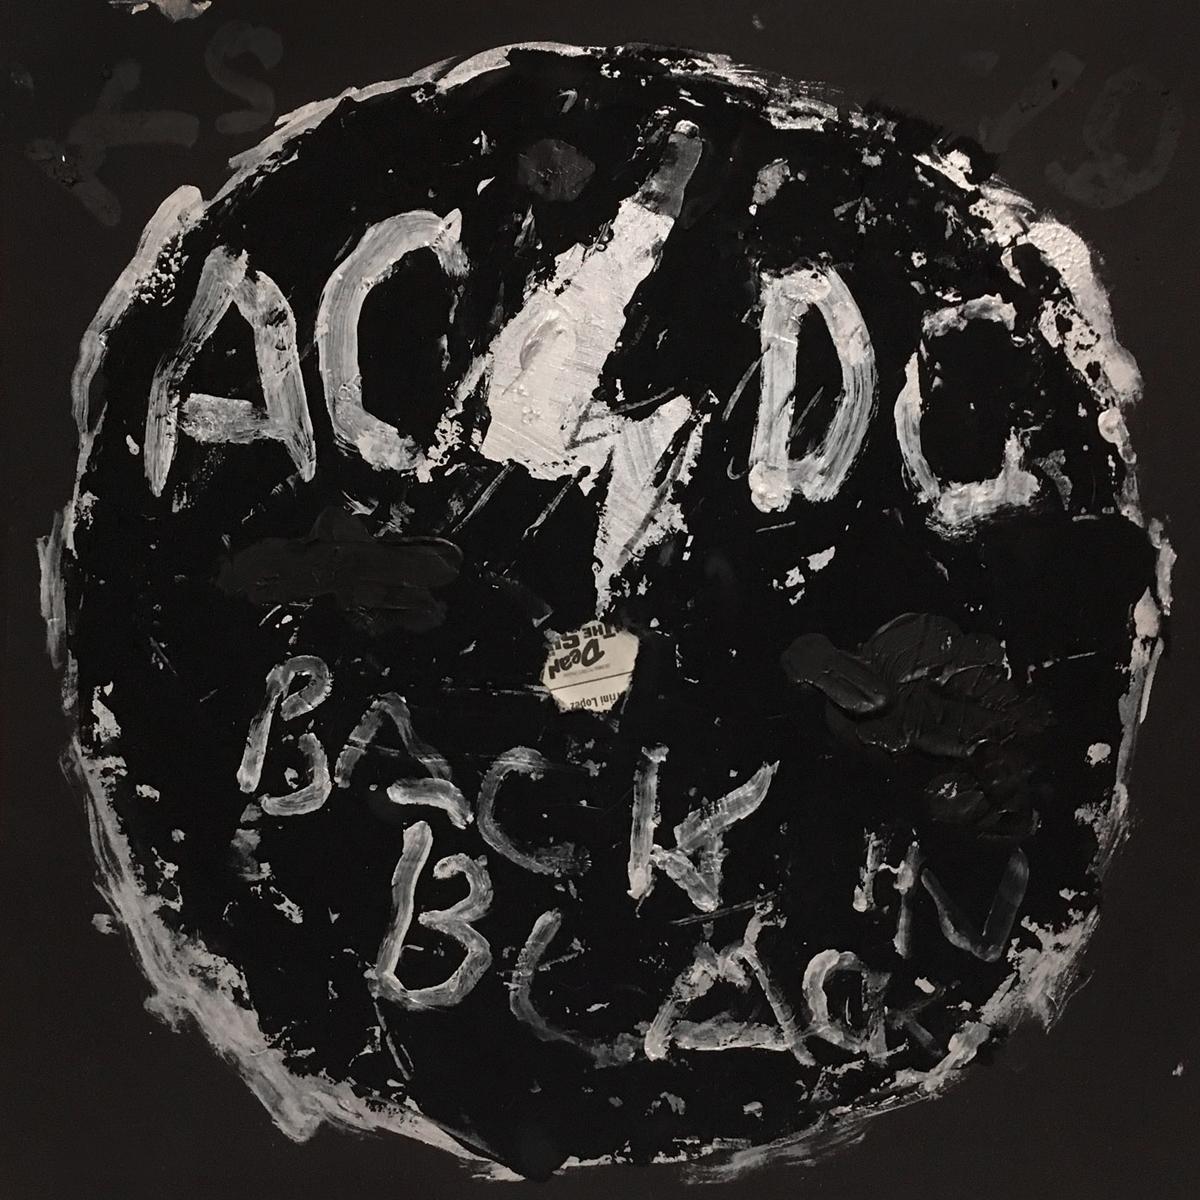 AC-DC / Back in black